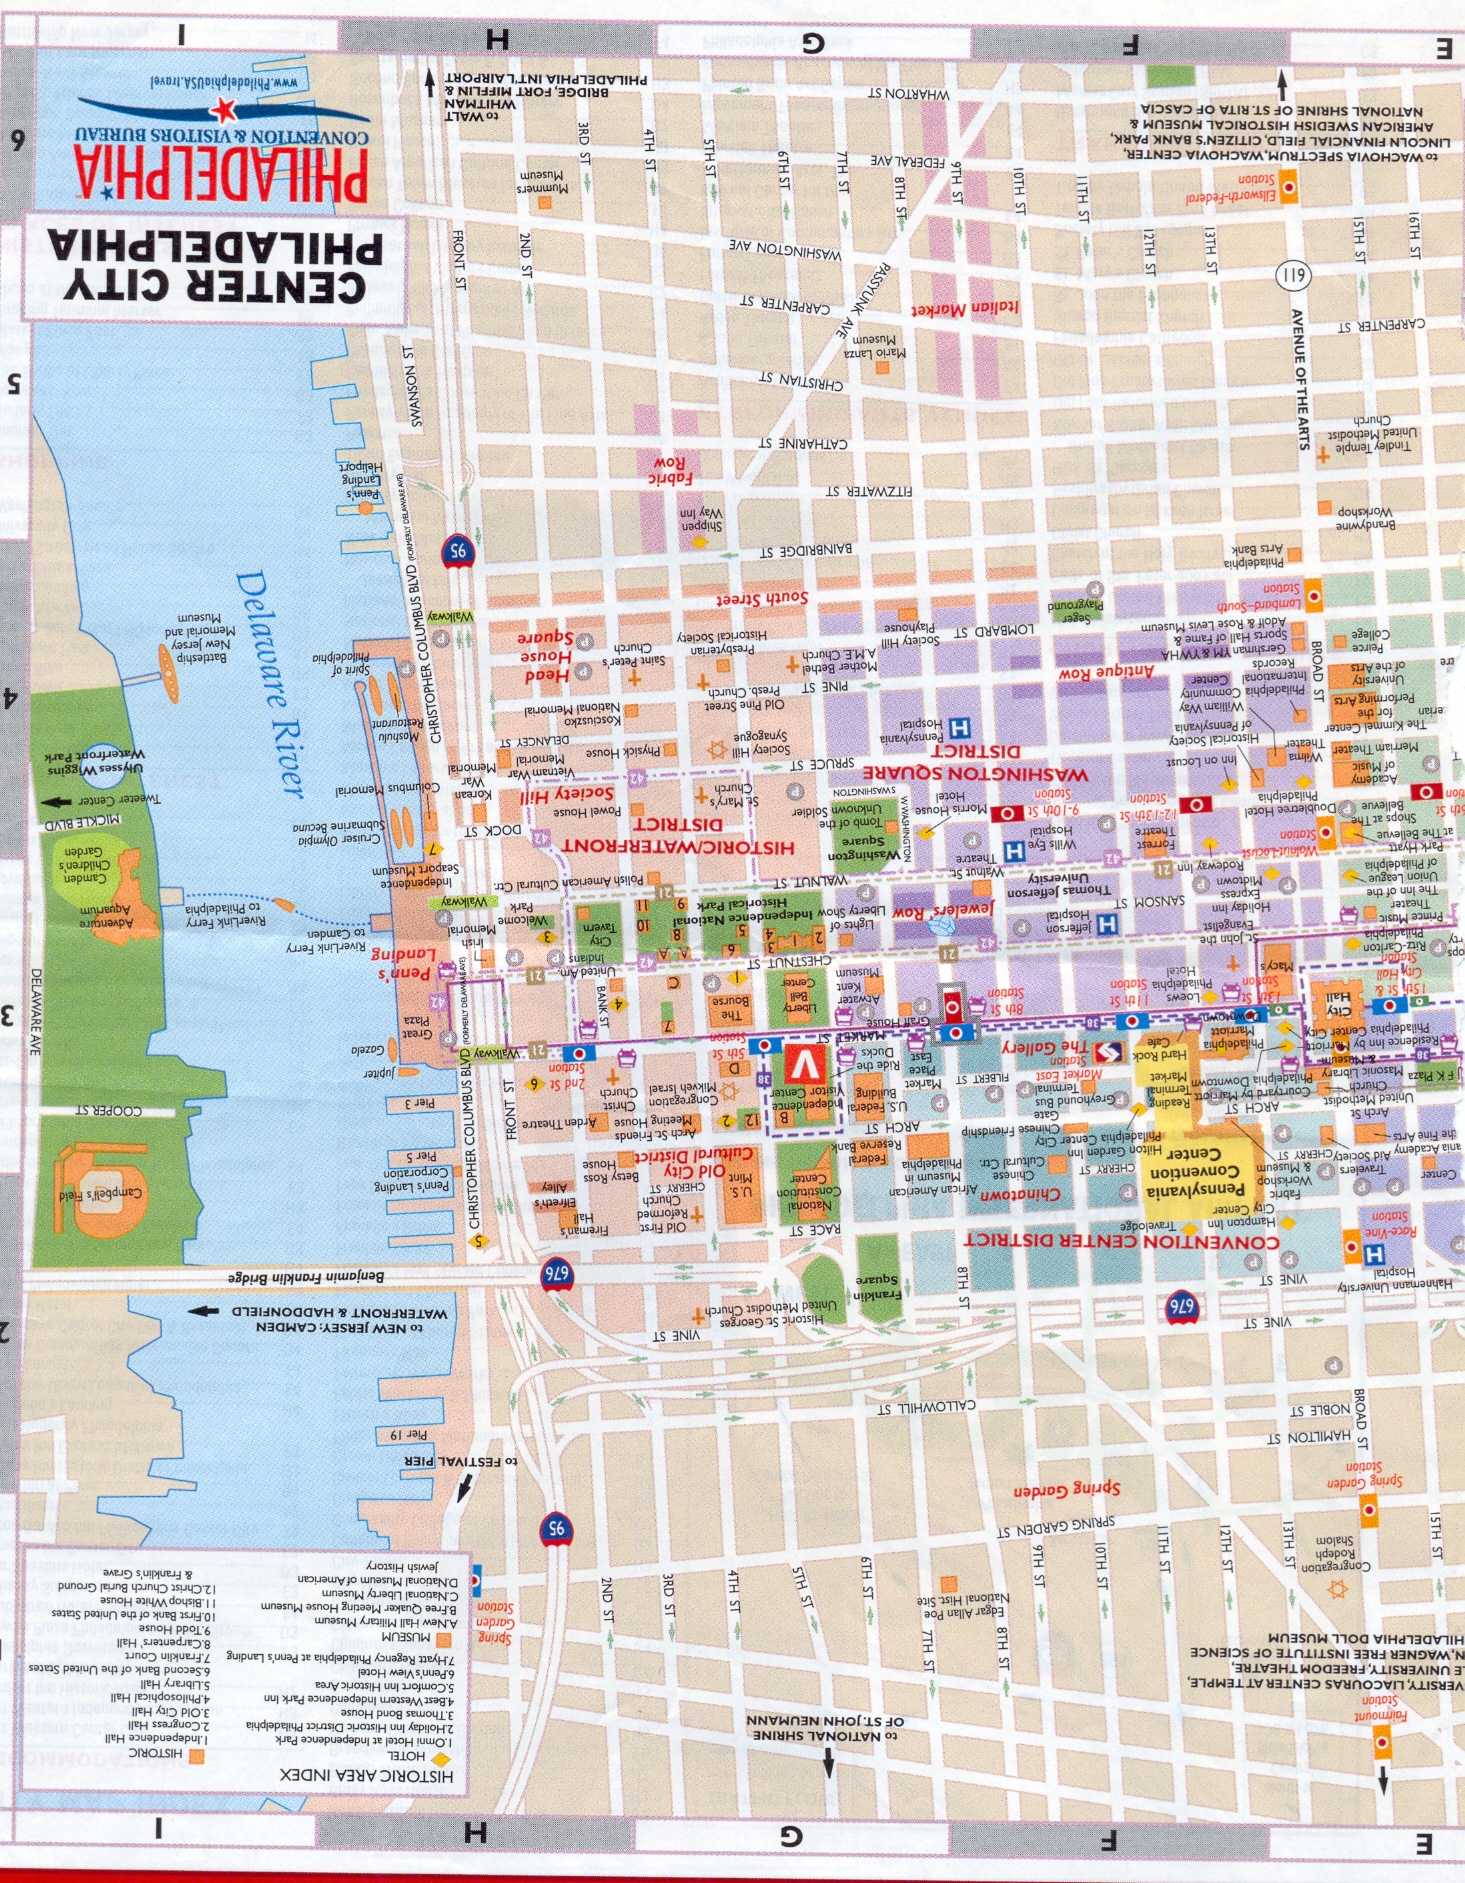 Filadelfia PA Guia Bsico Da Cidade E Atraes Pontos